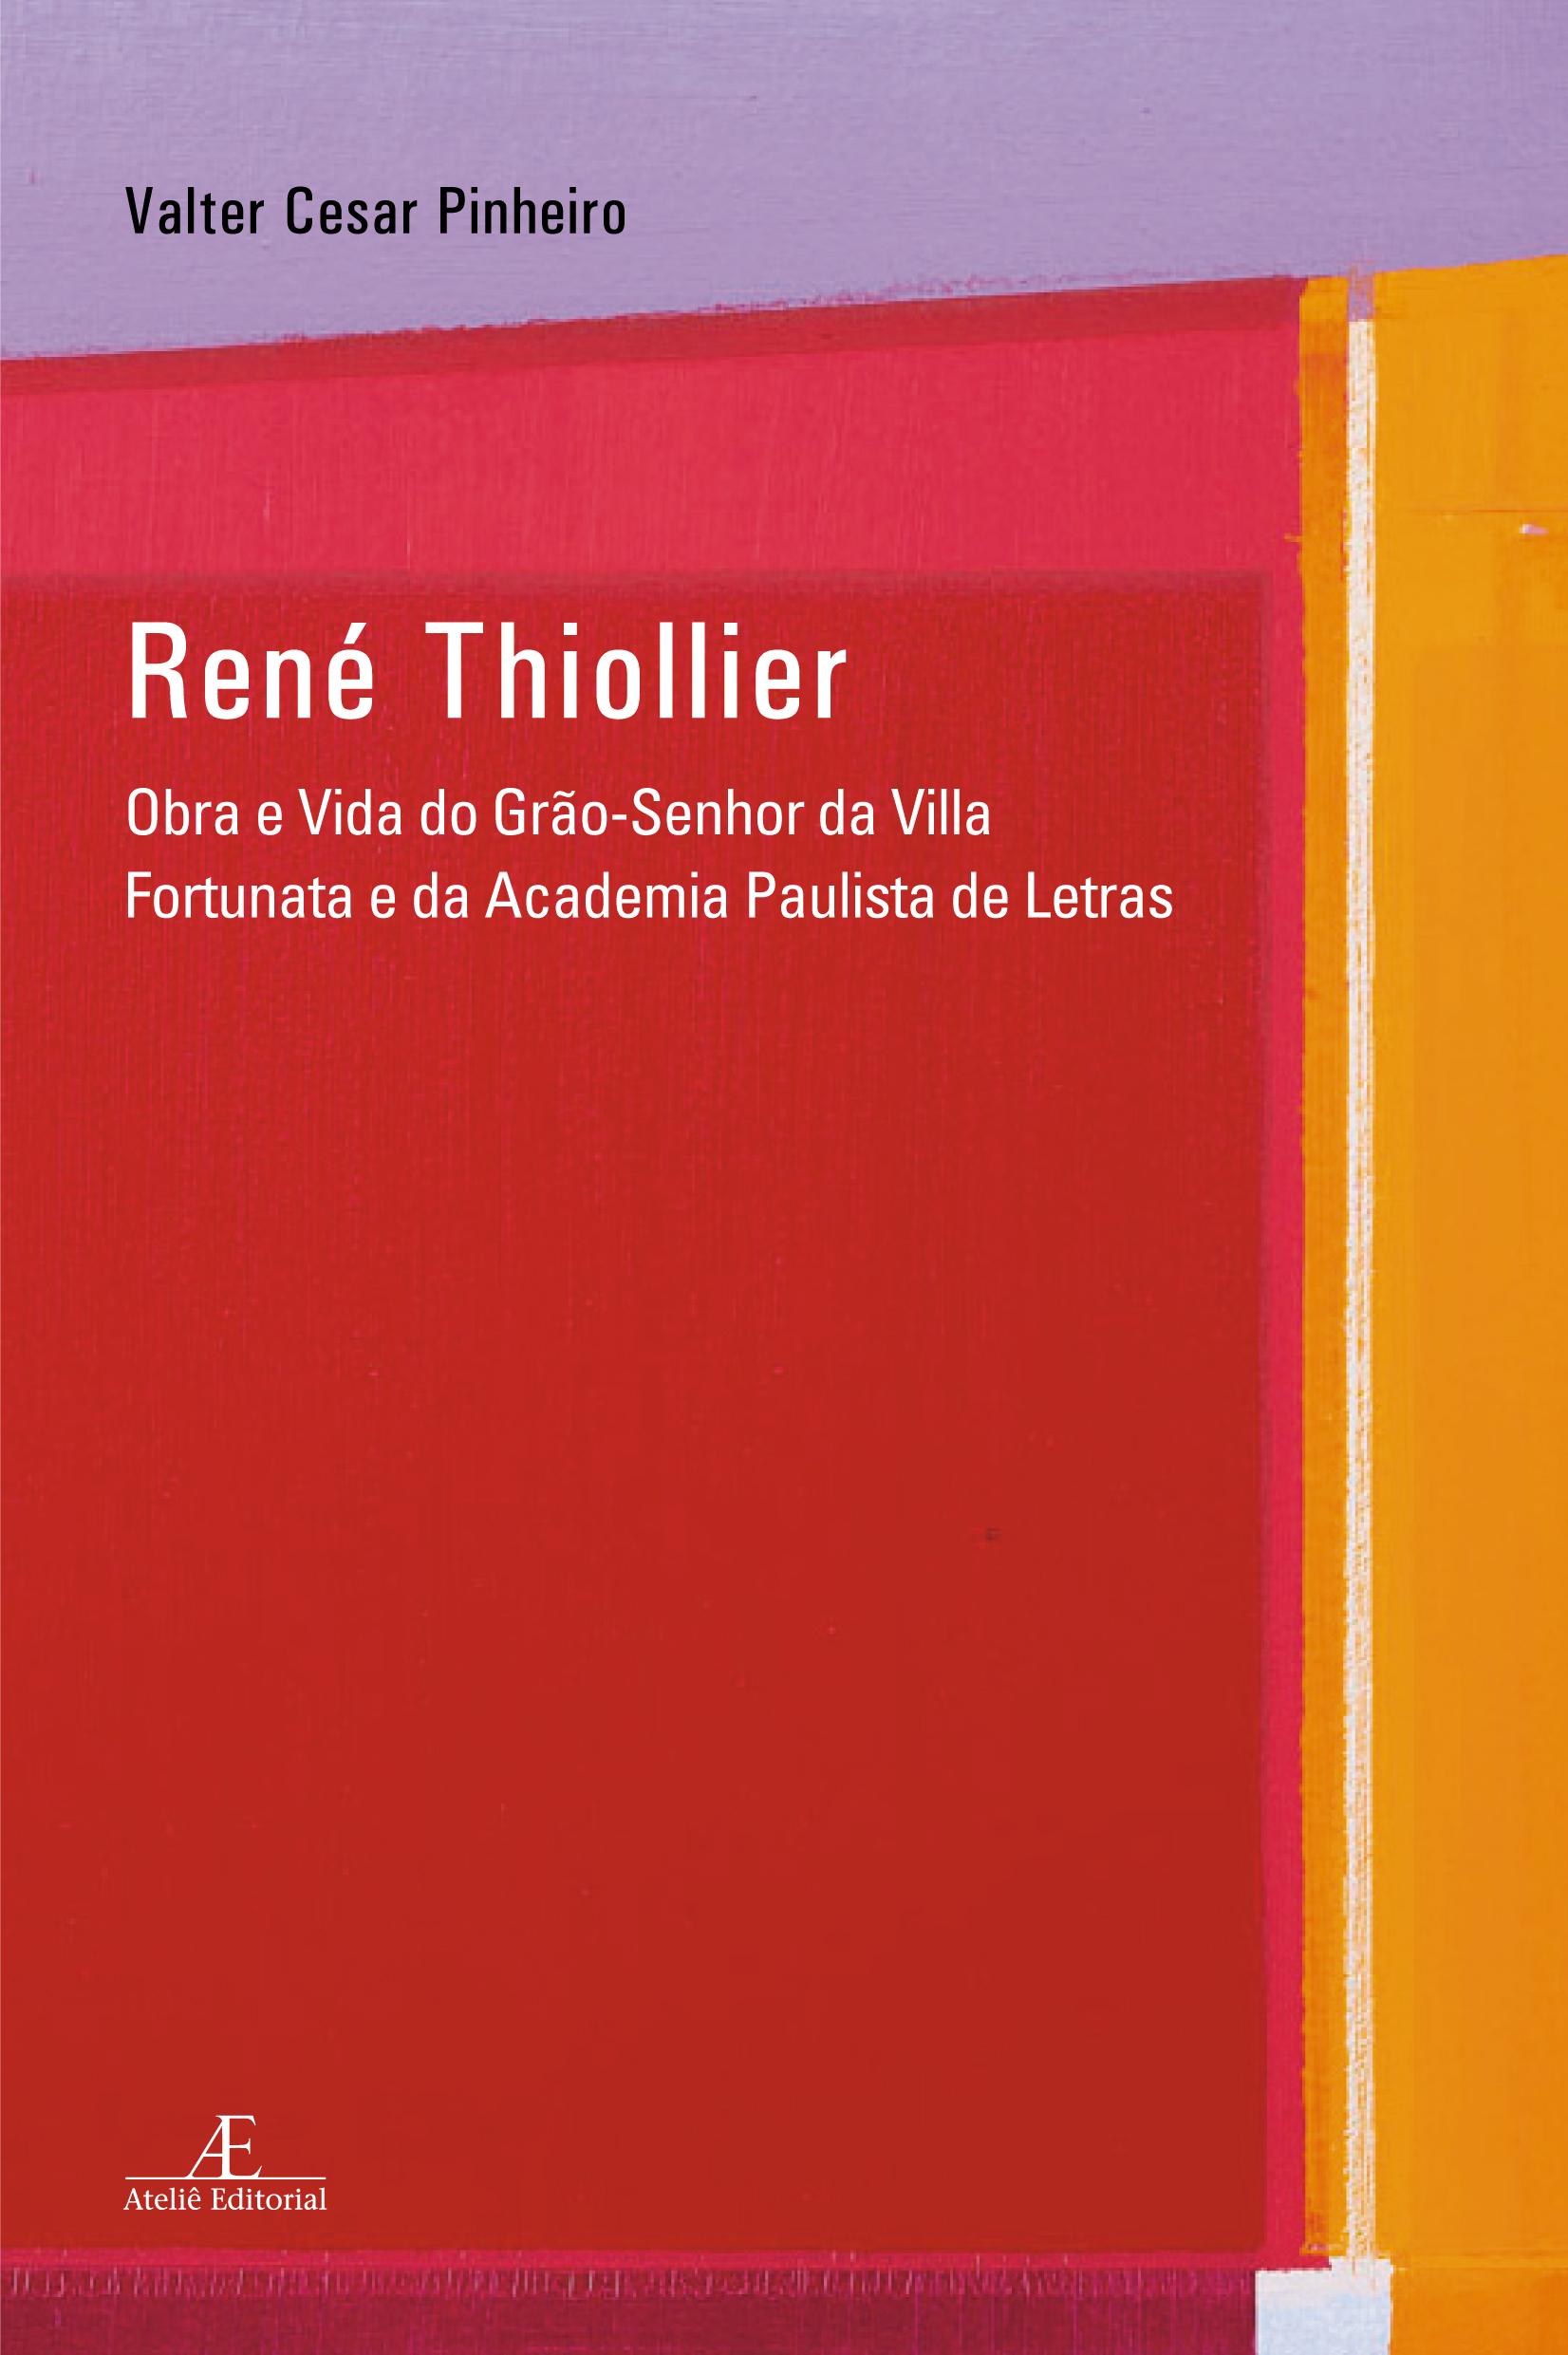 René Thiollier – Obra e Vida do Grão-Senhor da Villa Fortunata e da Academia Paulista de Letras, livro de Valter Cesar Pinheiro